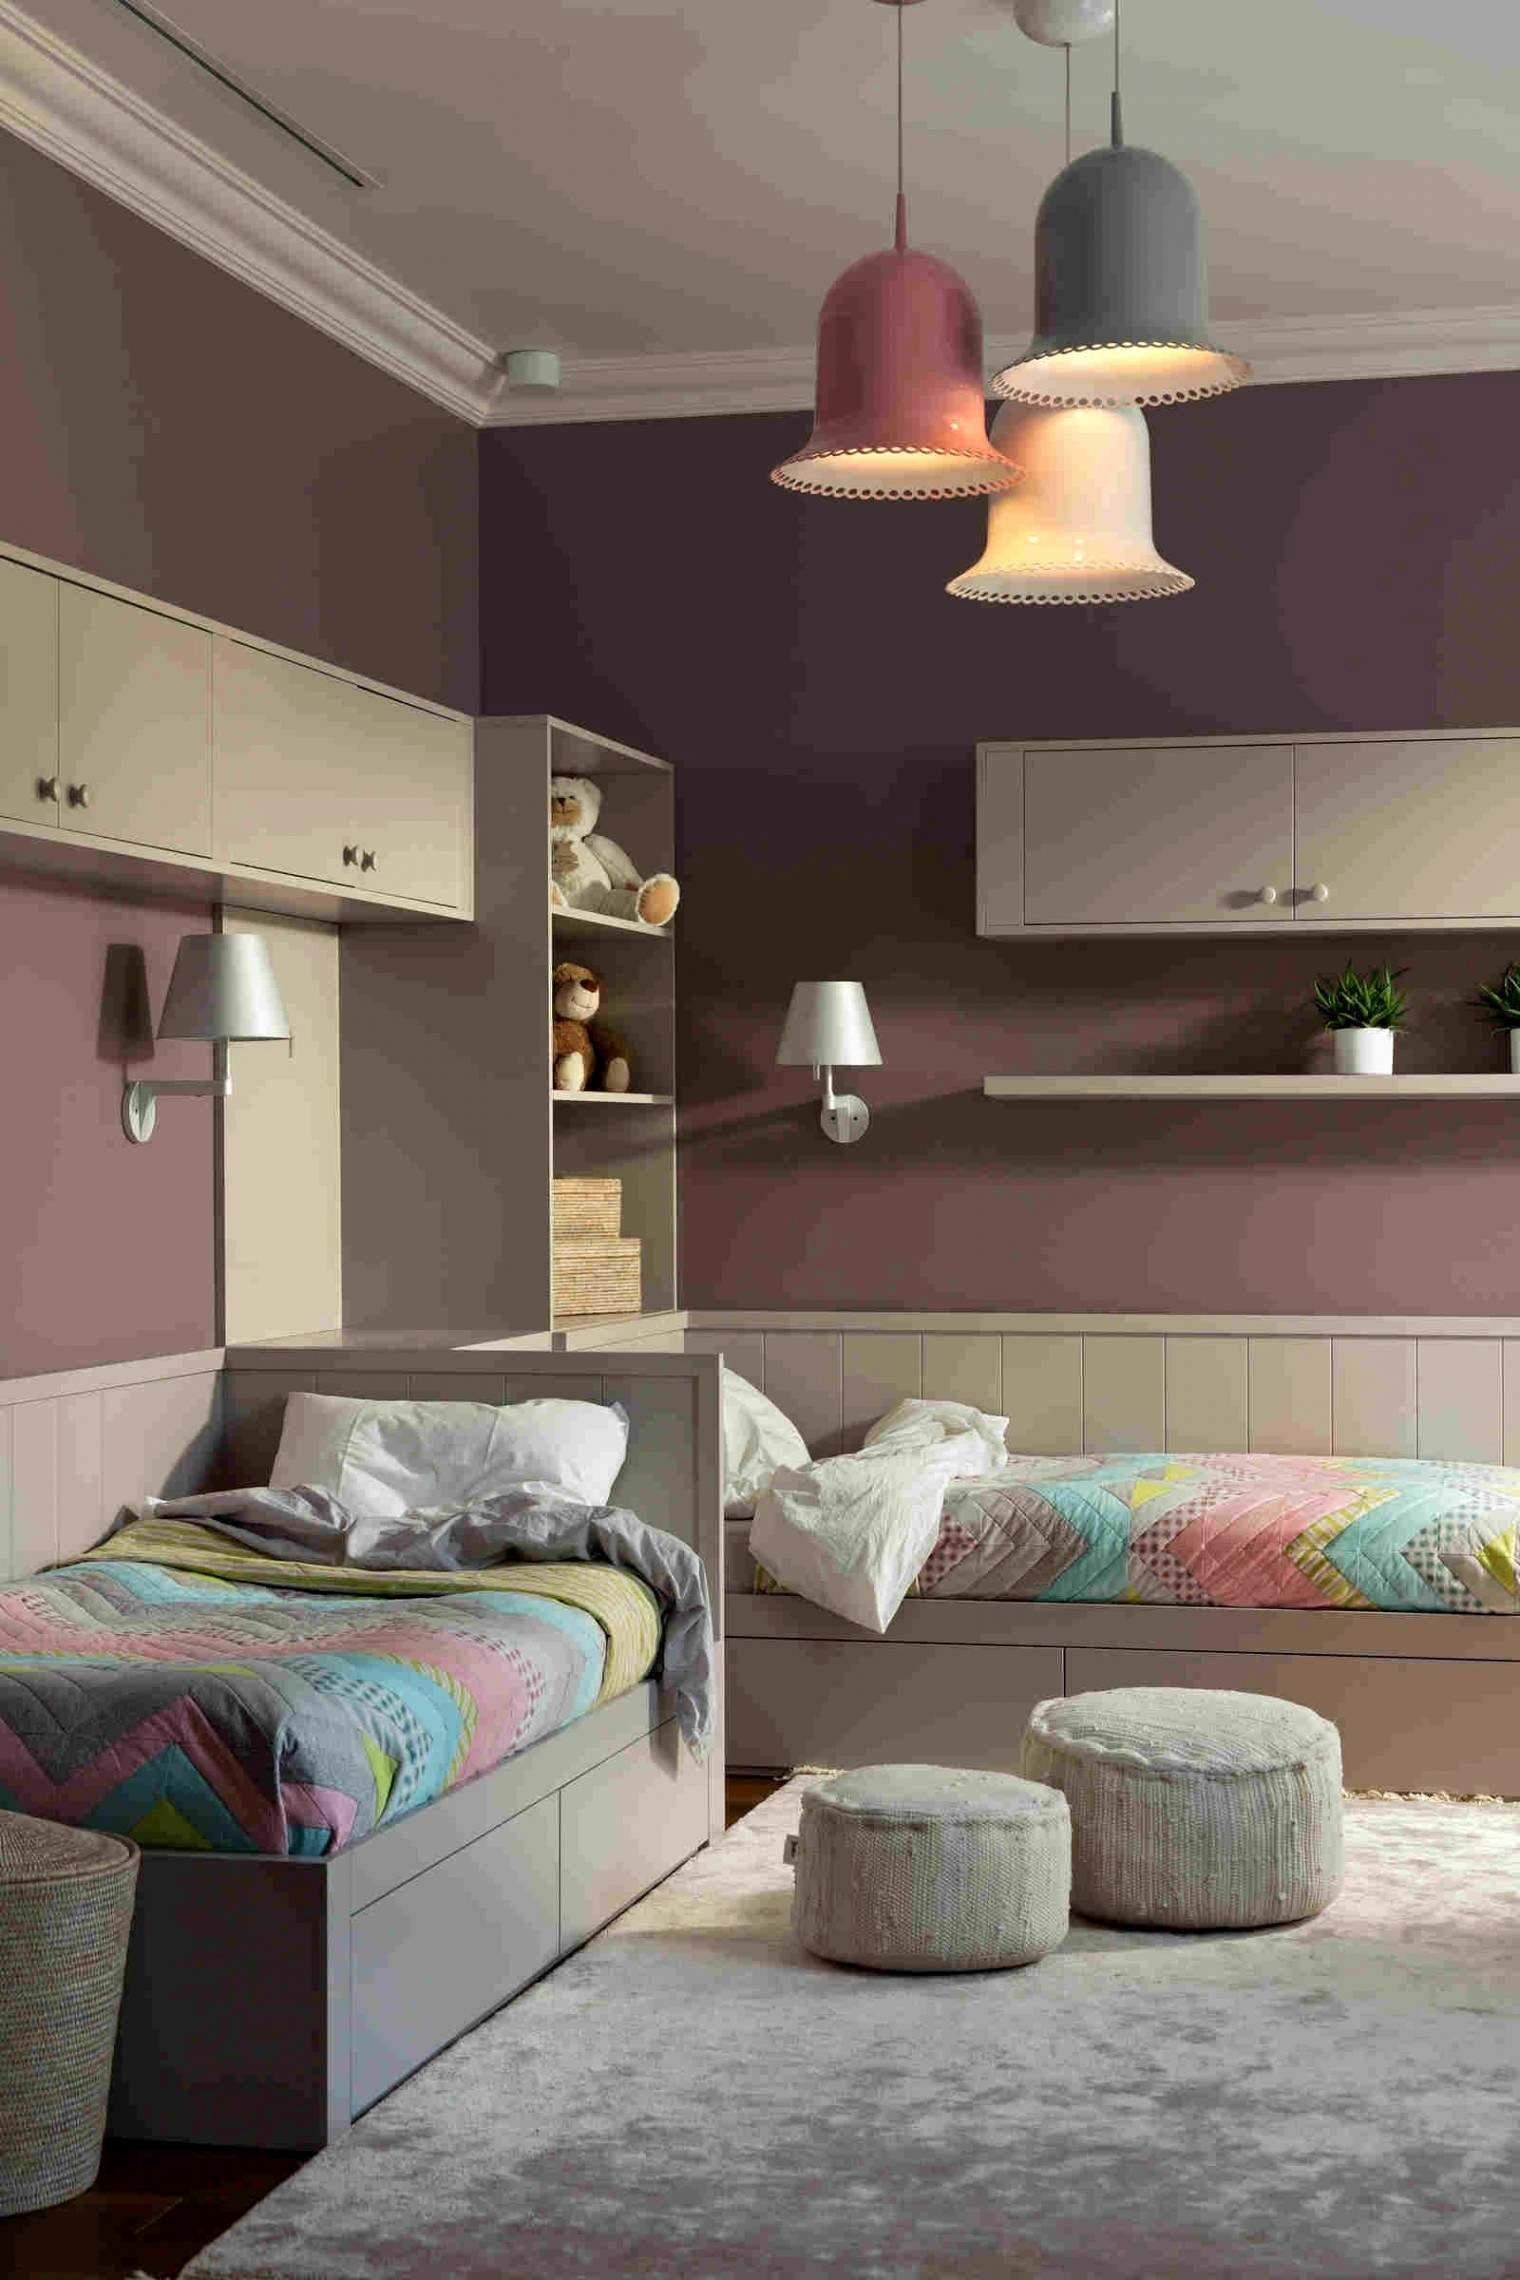 Balkon Dekorieren Ideen Luxus Kleines Wohnzimmer Ideen Elegant Balkon Deko Ideen 42